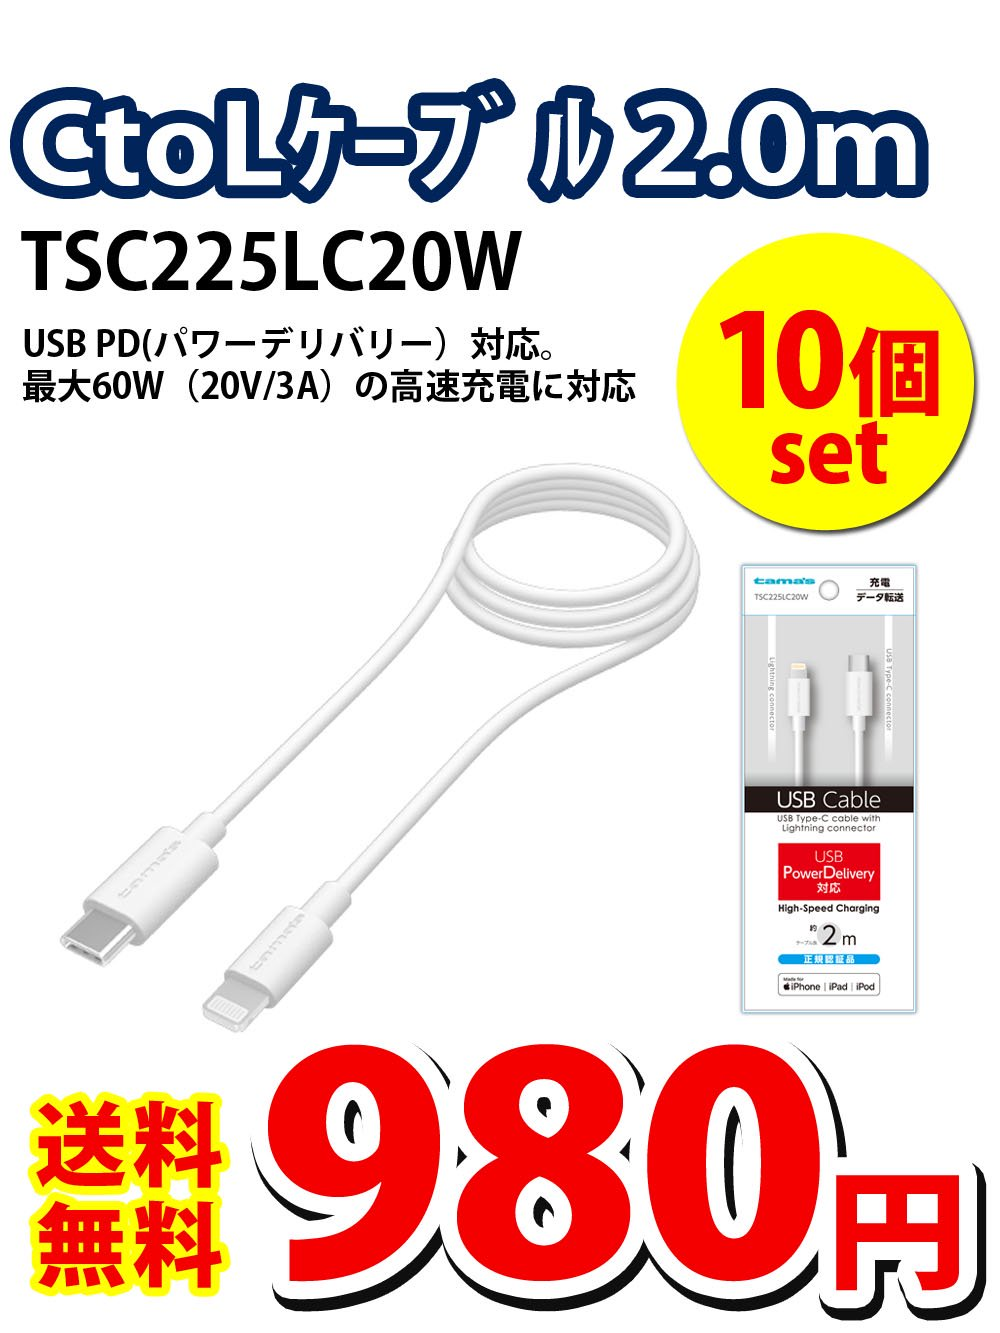 【送料無料】CtoLケーブル1.0m TSC225LC20W【10個セット】980円